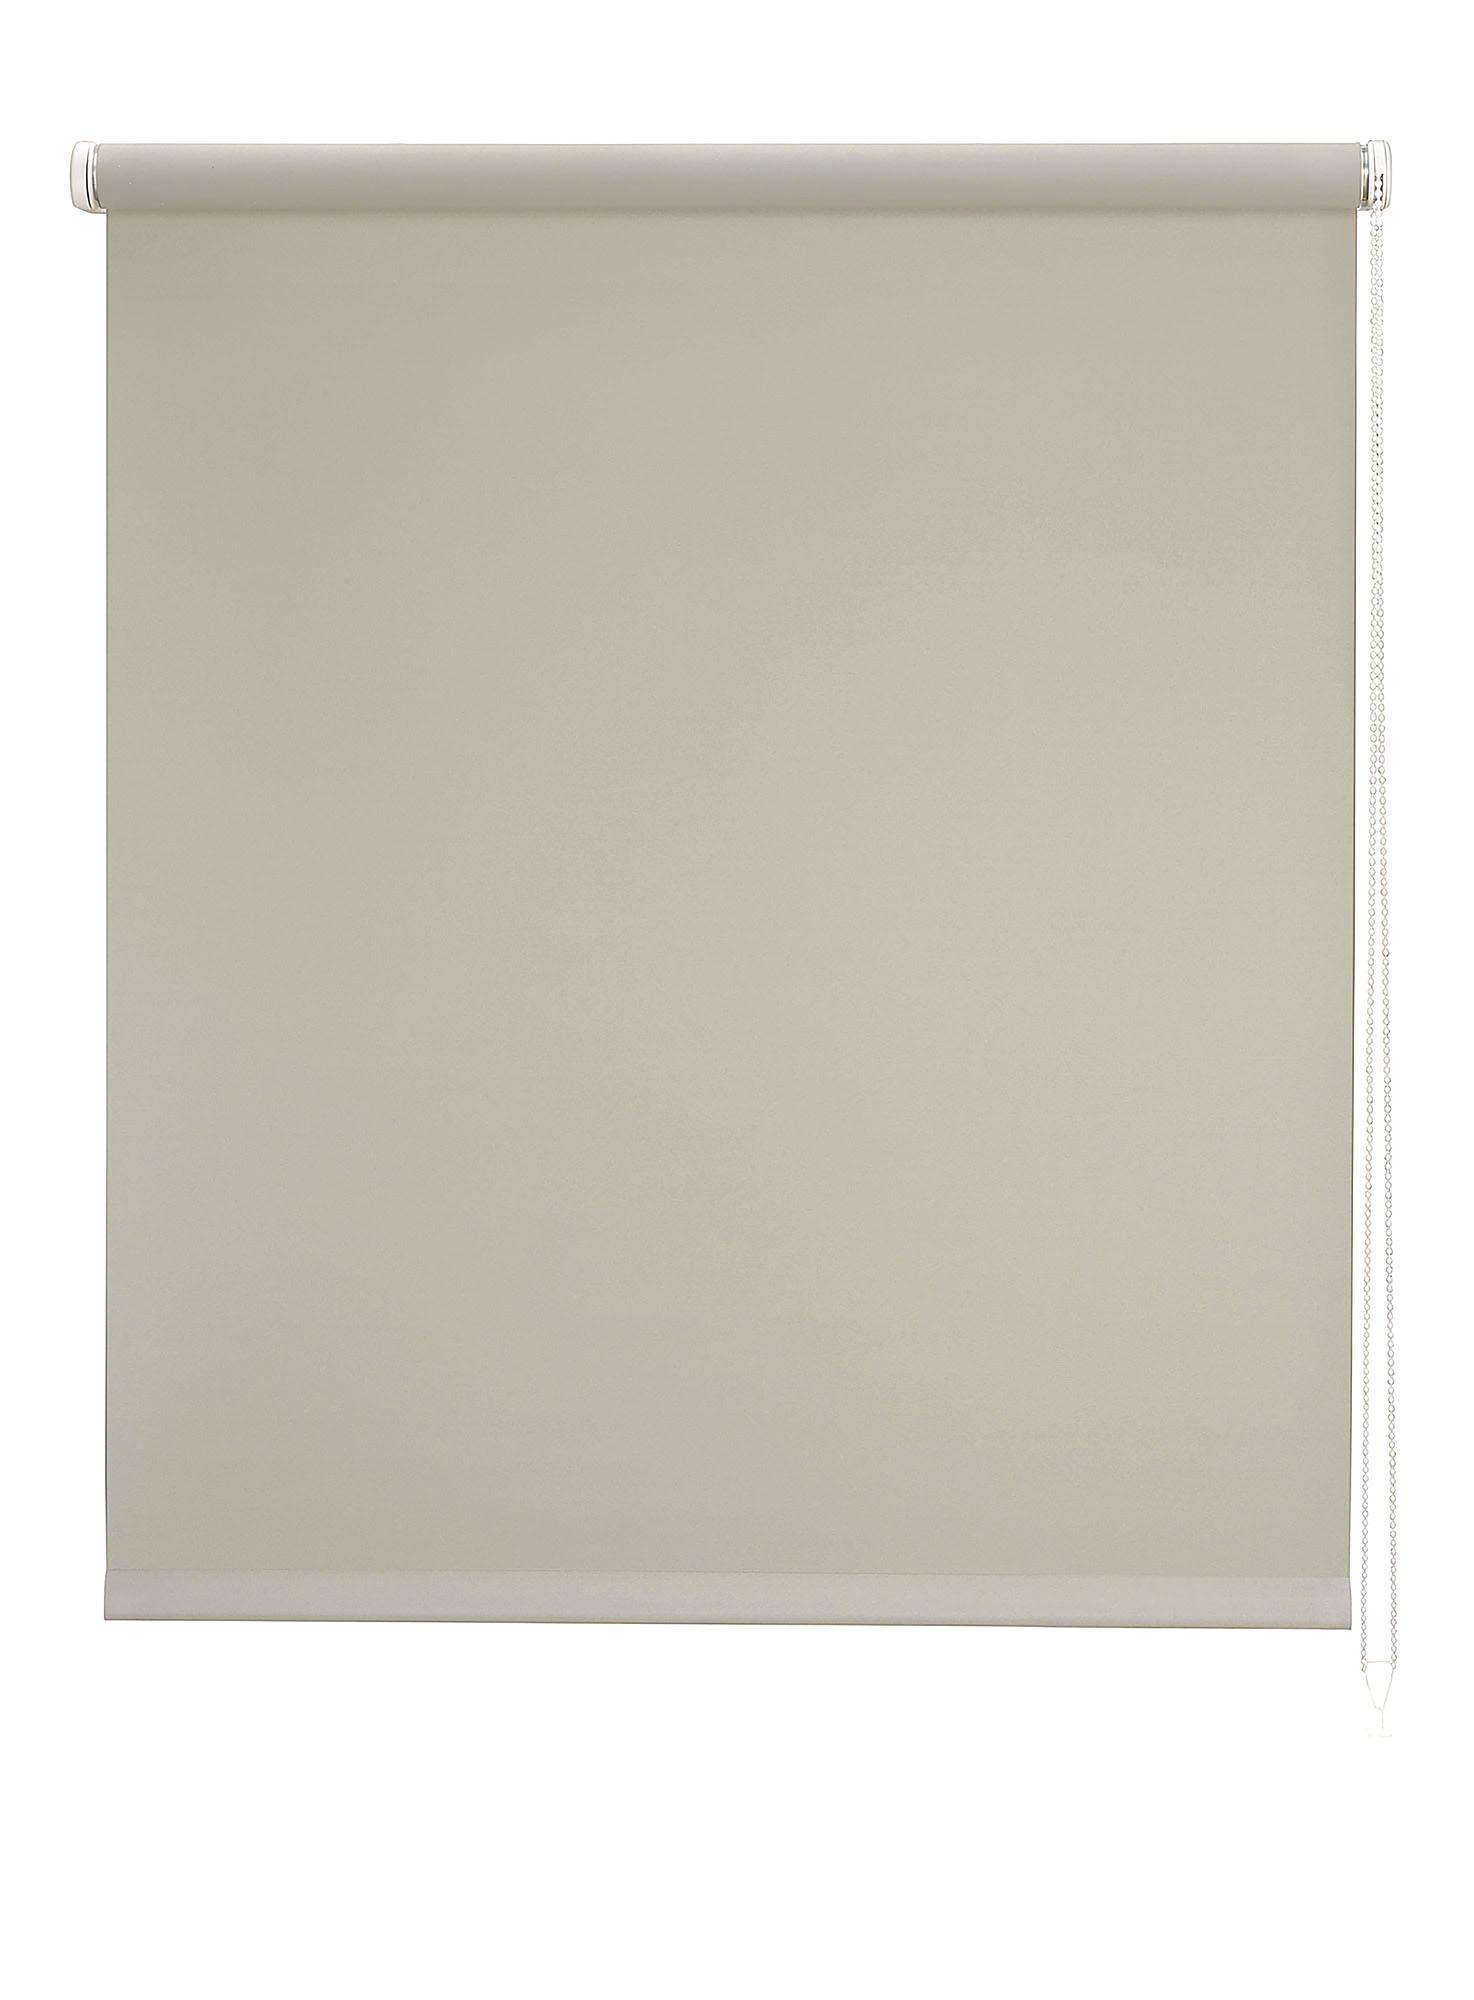 Store enrouleur Translucide - Beige - 120 x 250 cm